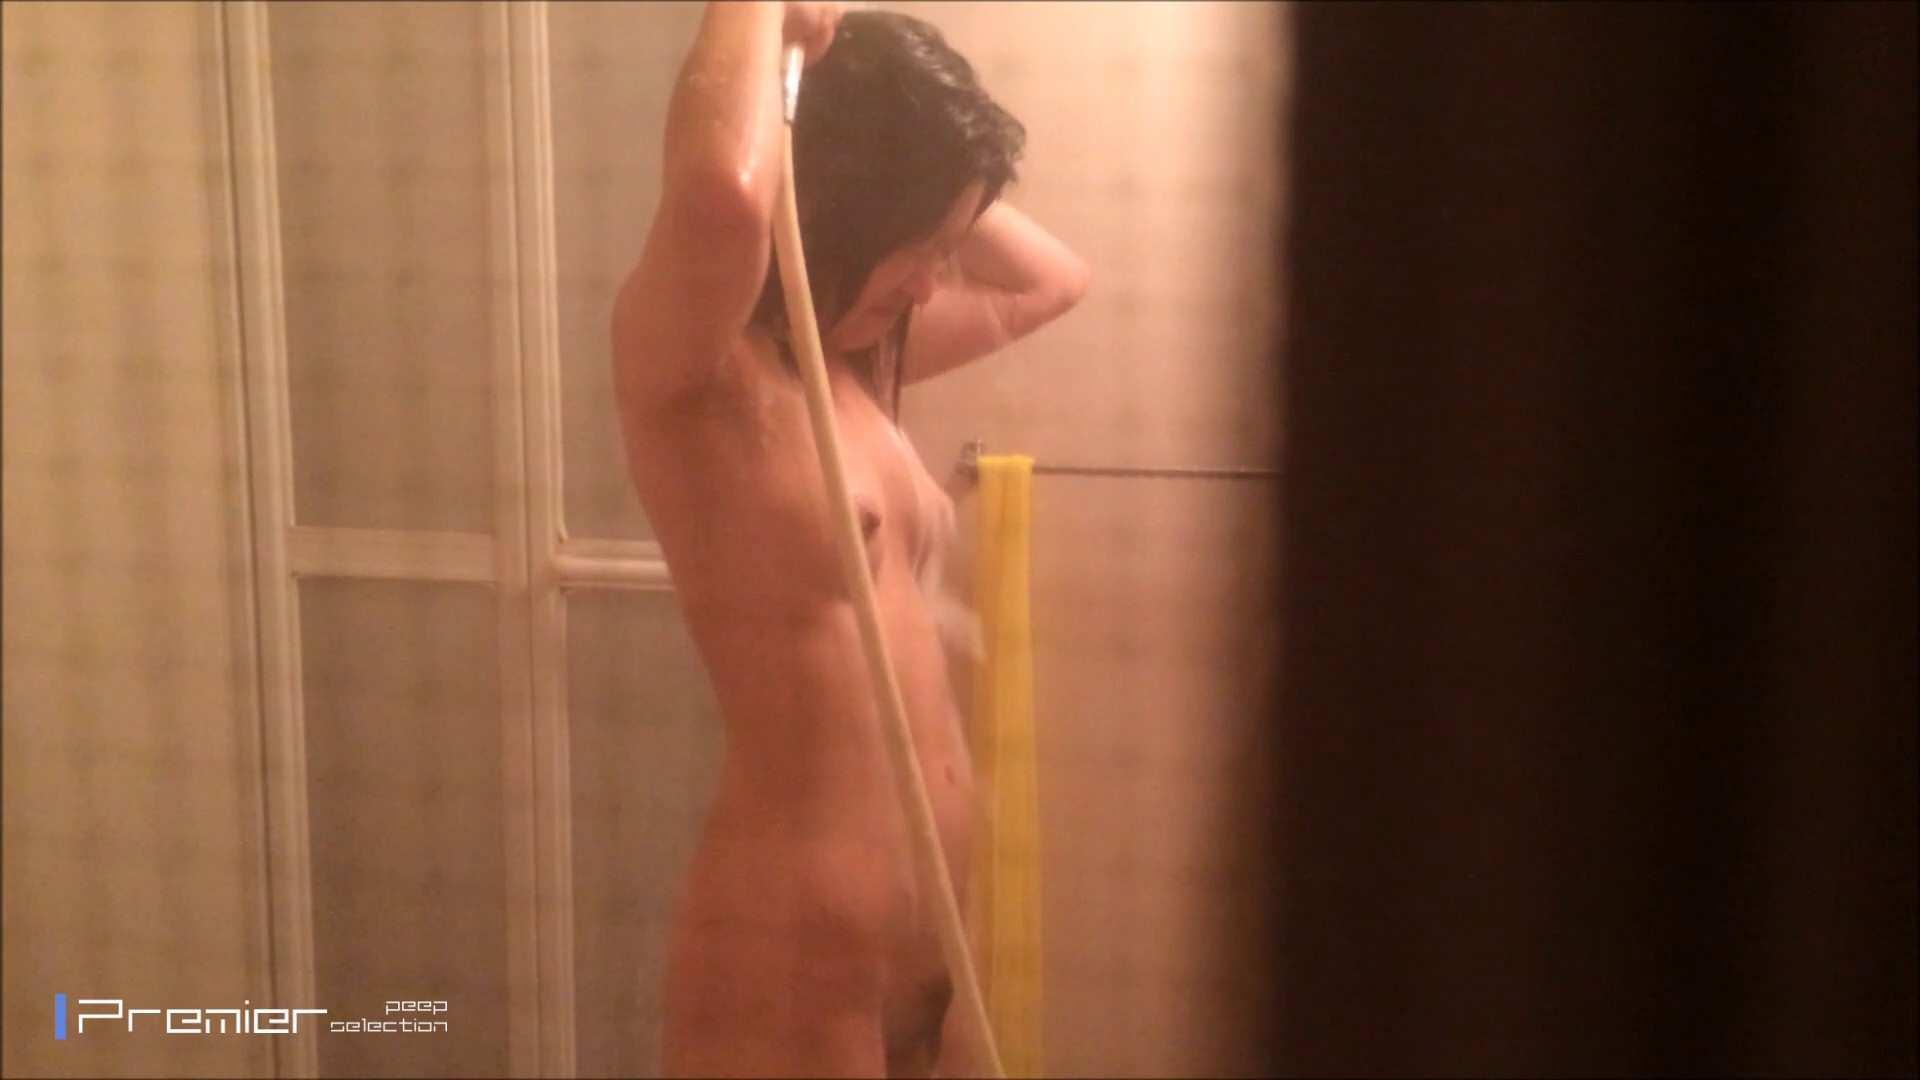 シャワーのお湯を跳ね返すお肌 乙女の風呂場 Vol.03 丸見え  96PIX 50